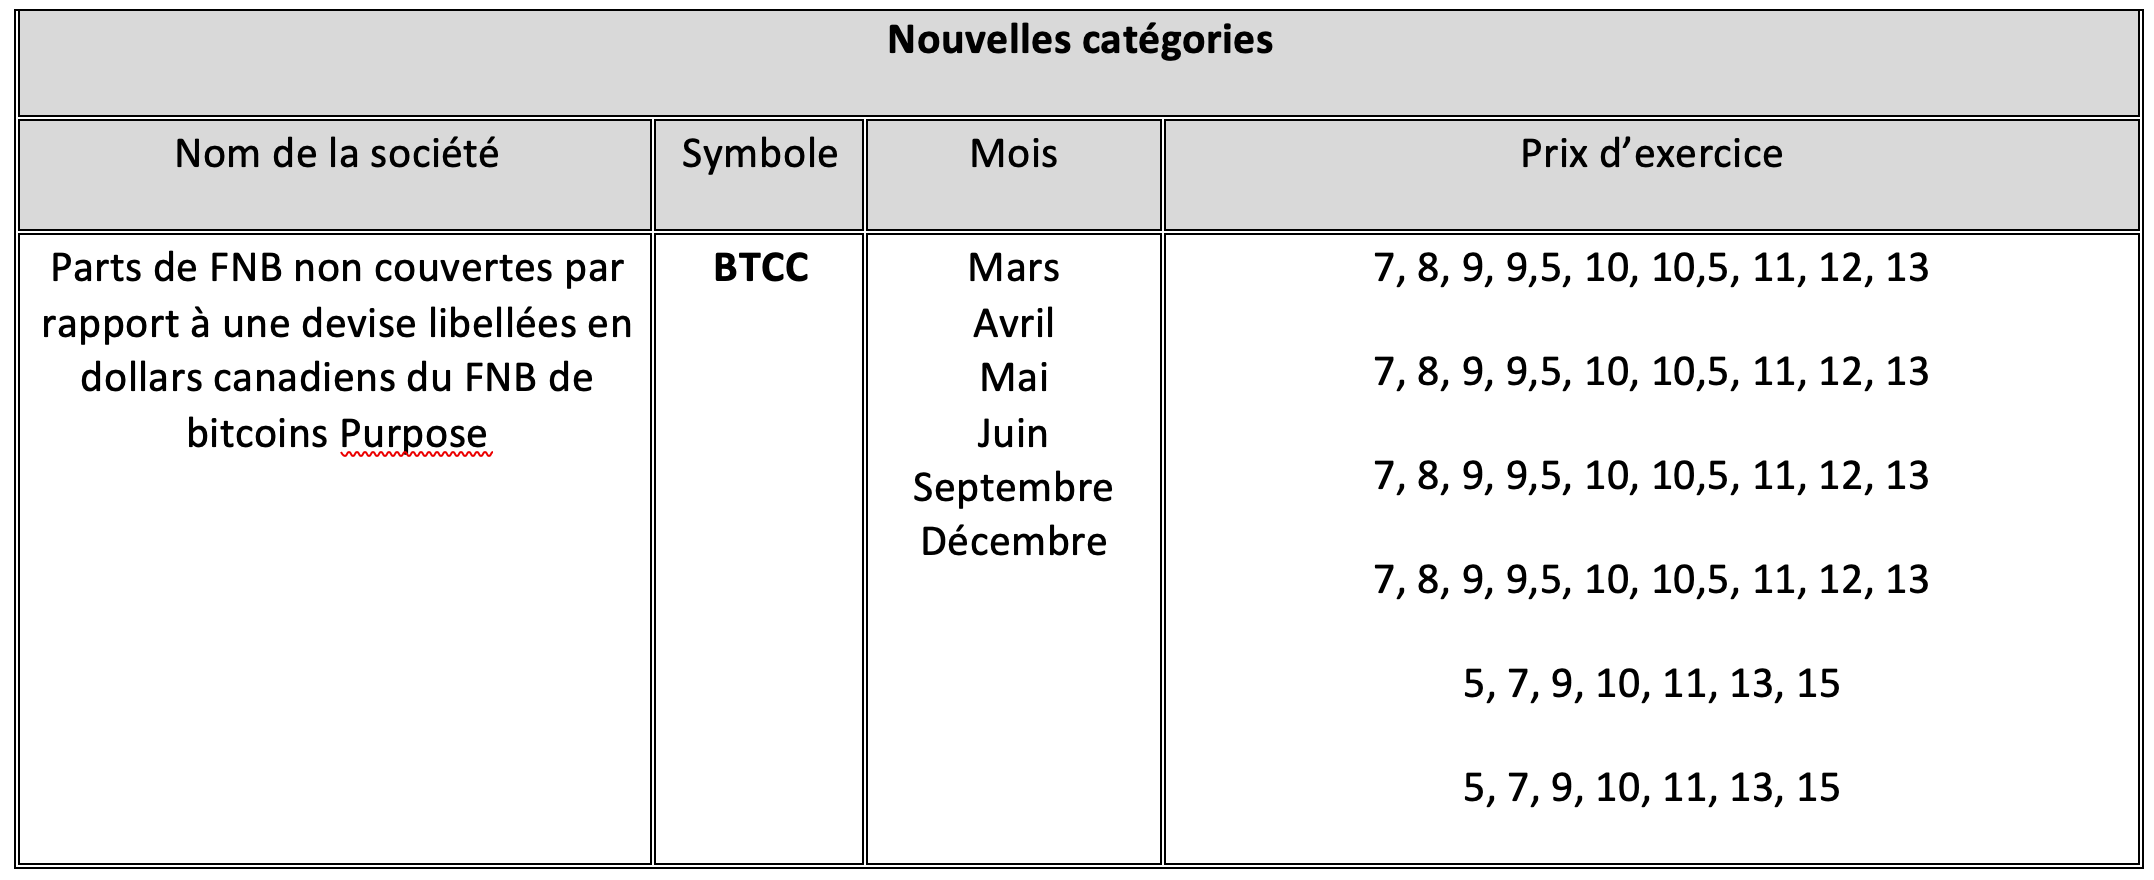 Parts de FNB non couvertes par rapport à une devise libellées en dollars canadiens du FNB de bitcoins Purpose (BTCC)